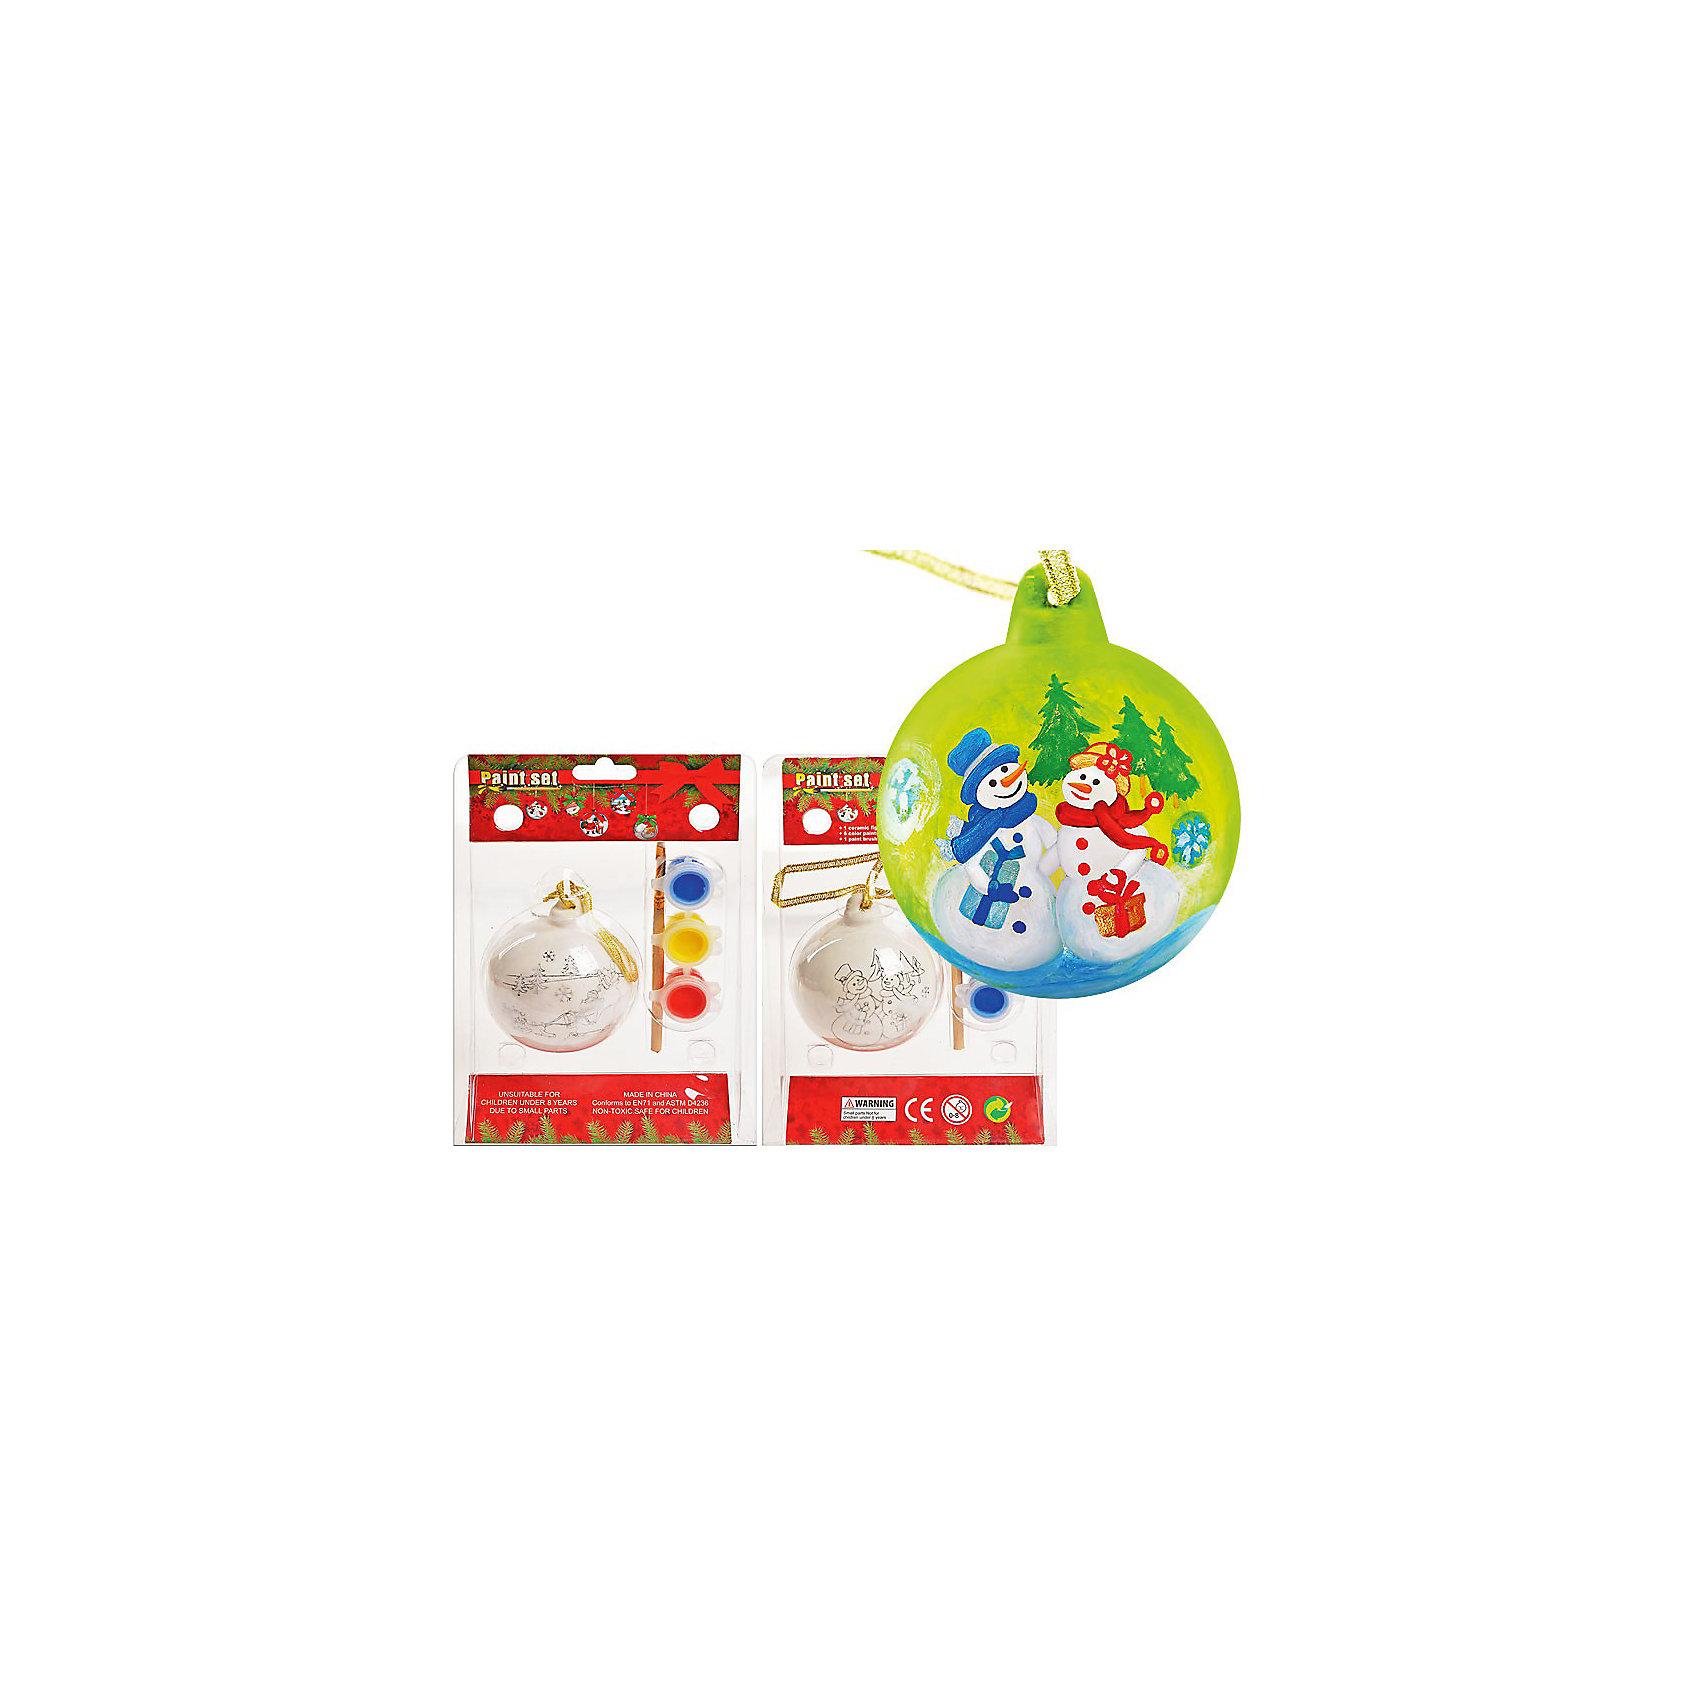 Керамический сувенир для раскрашивания Елочный шар, TUKZARКерамический сувенир для раскрашивания  Елочный шар, Tukzar (Тукзар) станет замечательным новогодним подарком для Вашего ребенка. В комплект входит керамический шар для елки, который надо раскрасить согласно своей фантазии, кисточка и 3 краски. В ассортименте представлены 2 варианта набора с разным дизайном шаров.<br><br>Дополнительная информация:<br><br>- Материал: керамика, пластик, металл.<br>- В комплекте: форма для раскрашивания, кисточка, 3 краски (желтая, красная, голубая).<br>- Размер упаковки: 17,2 x 12,1 x 4,6 см.<br>- Вес: 84 гр. <br><br>Керамический сувенир для раскрашивания Елочный шар, Tukzar (Тукзар) можно купить в нашем интернет-магазине.<br><br>ВНИМАНИЕ! Данный артикул имеется в наличии в разных вариантах исполнения. Заранее выбрать определенный вариант нельзя. При заказе нескольких наборов возможно получение одинаковых.<br><br>Ширина мм: 130<br>Глубина мм: 180<br>Высота мм: 150<br>Вес г: 137<br>Возраст от месяцев: 36<br>Возраст до месяцев: 168<br>Пол: Унисекс<br>Возраст: Детский<br>SKU: 3875849